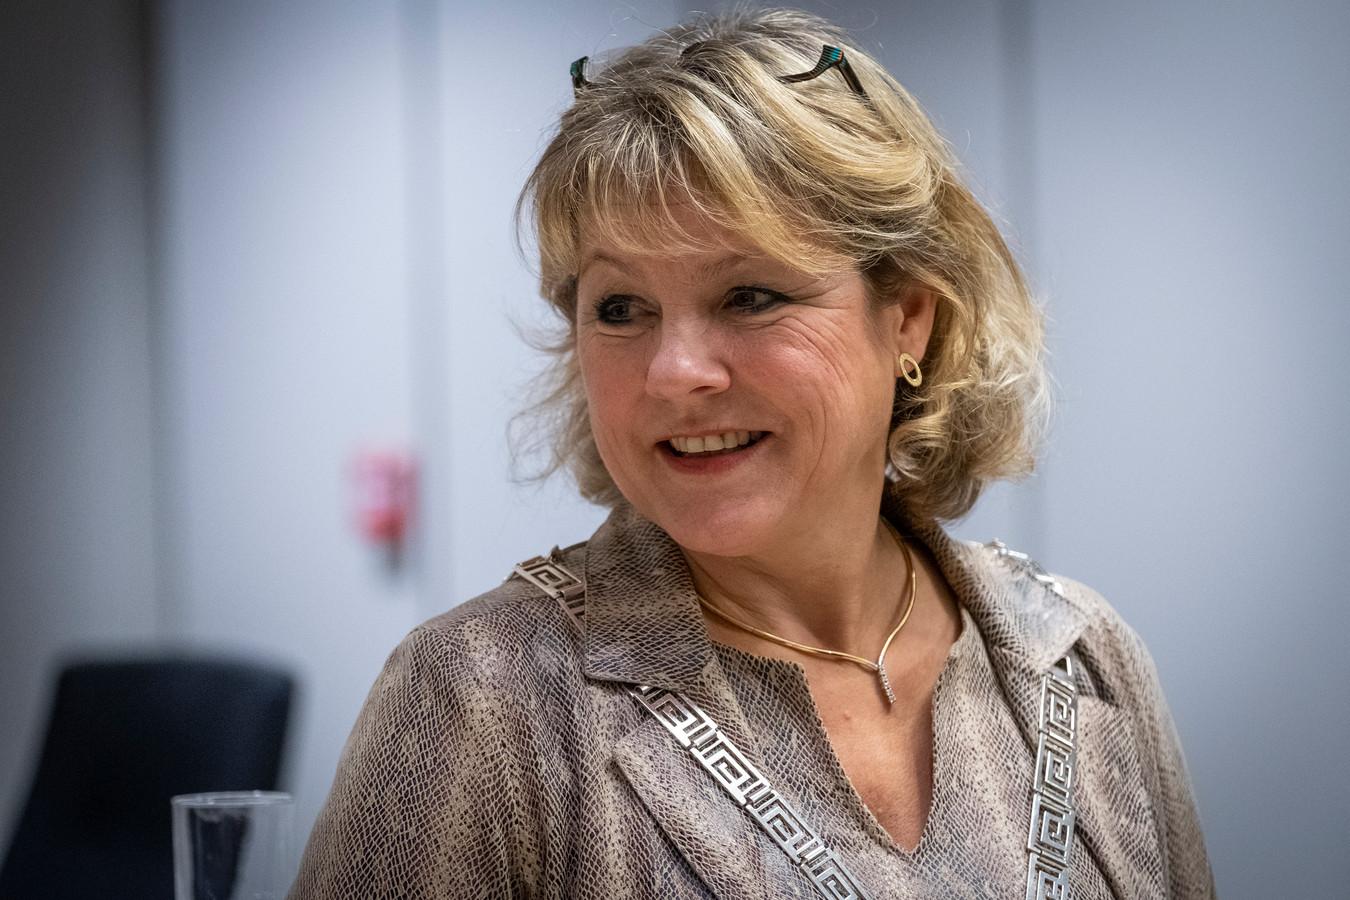 Burgemeester Tanja Haseloop van Oldebroek was verkouden en liet zich testen op corona.